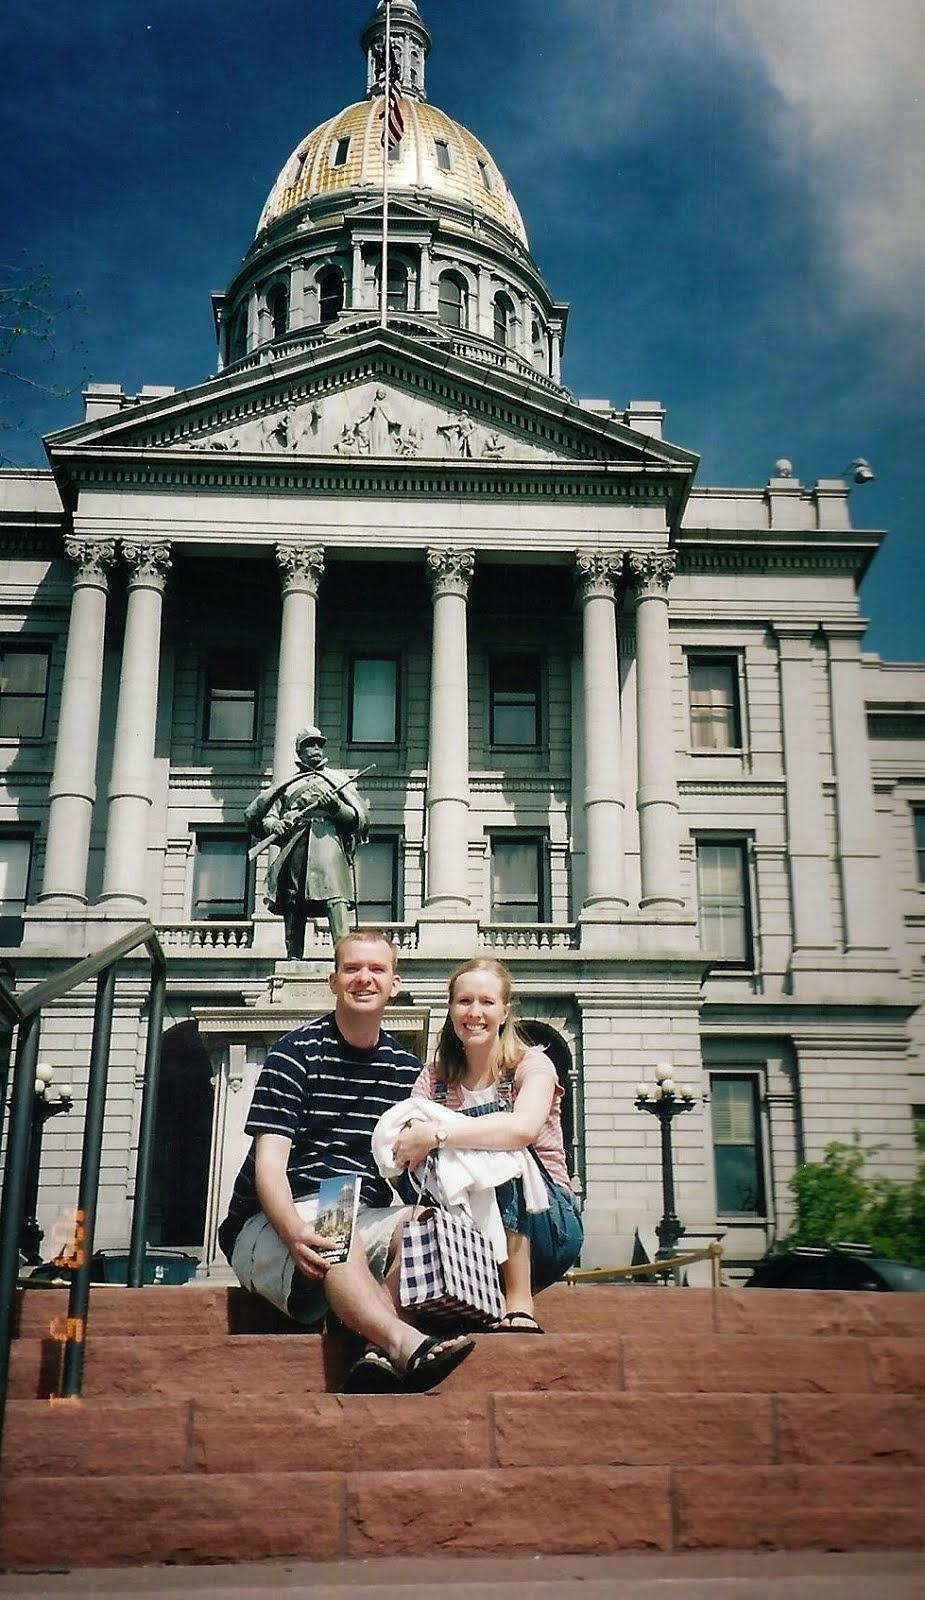 Denver, Colorado 2003